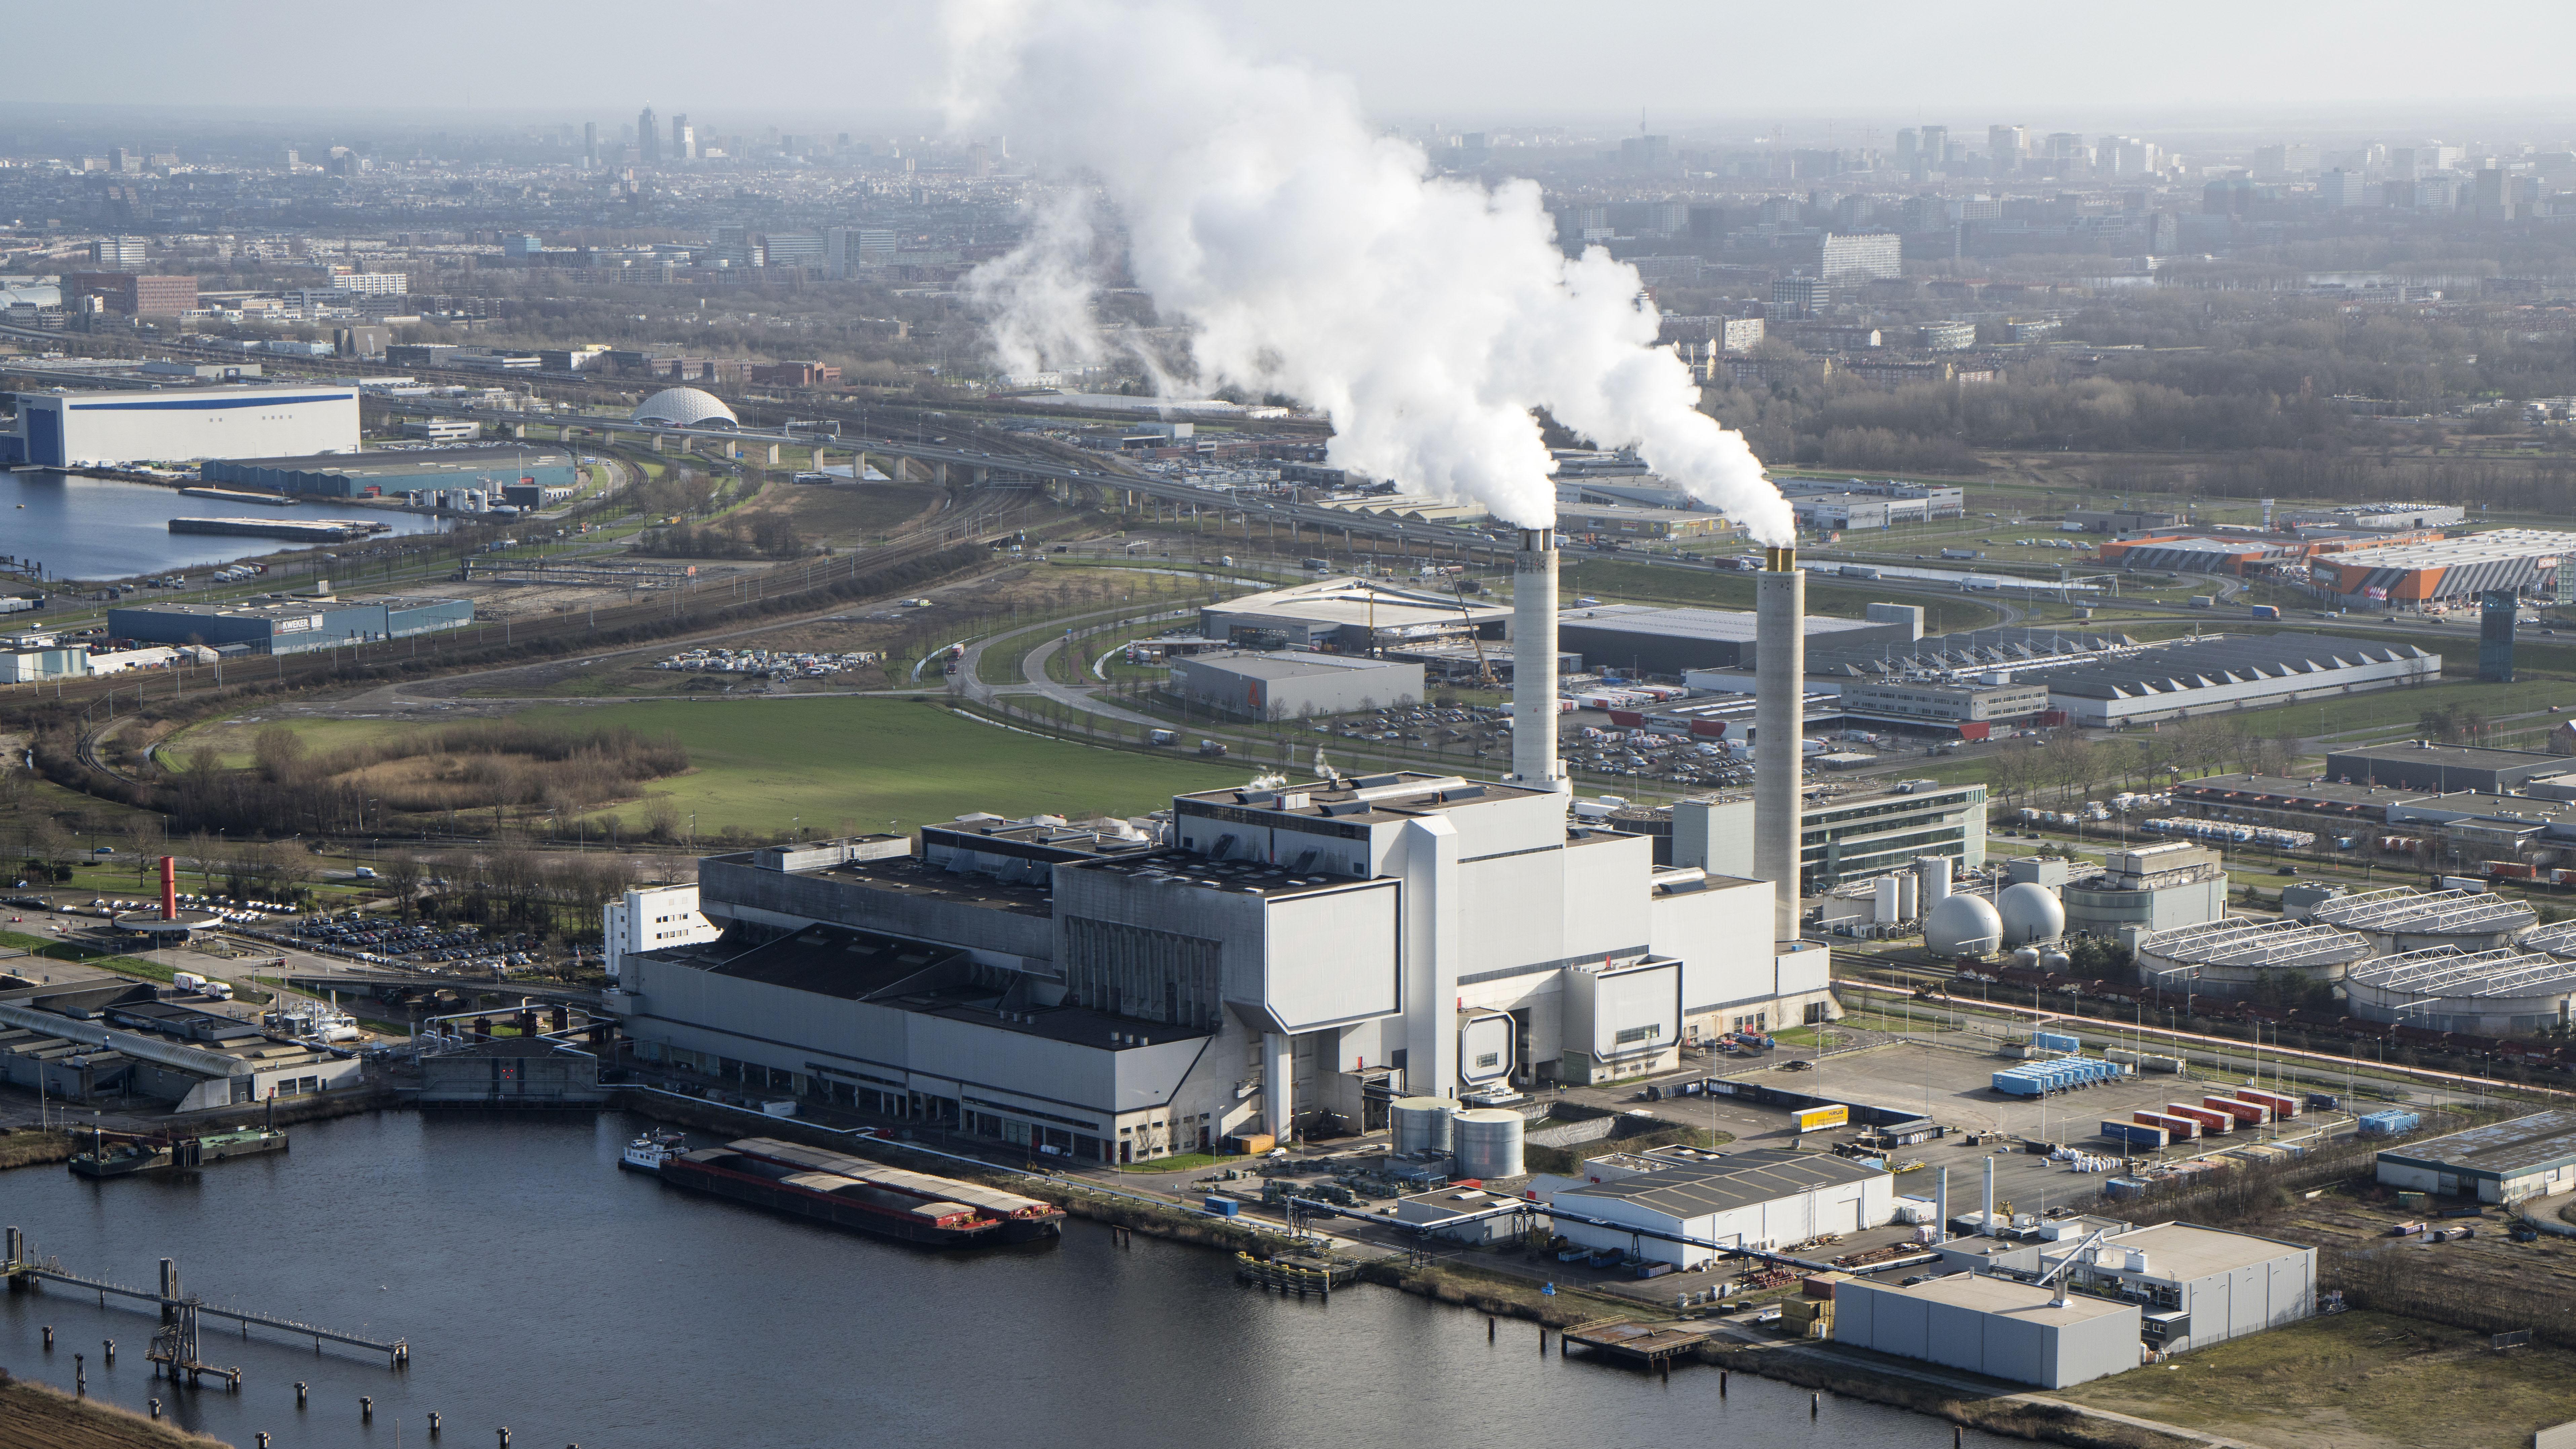 Onderzoeksbureau: vooral in Europa 'genoeg geld beschikbaar voor inhaalslag klimaatdoelen'